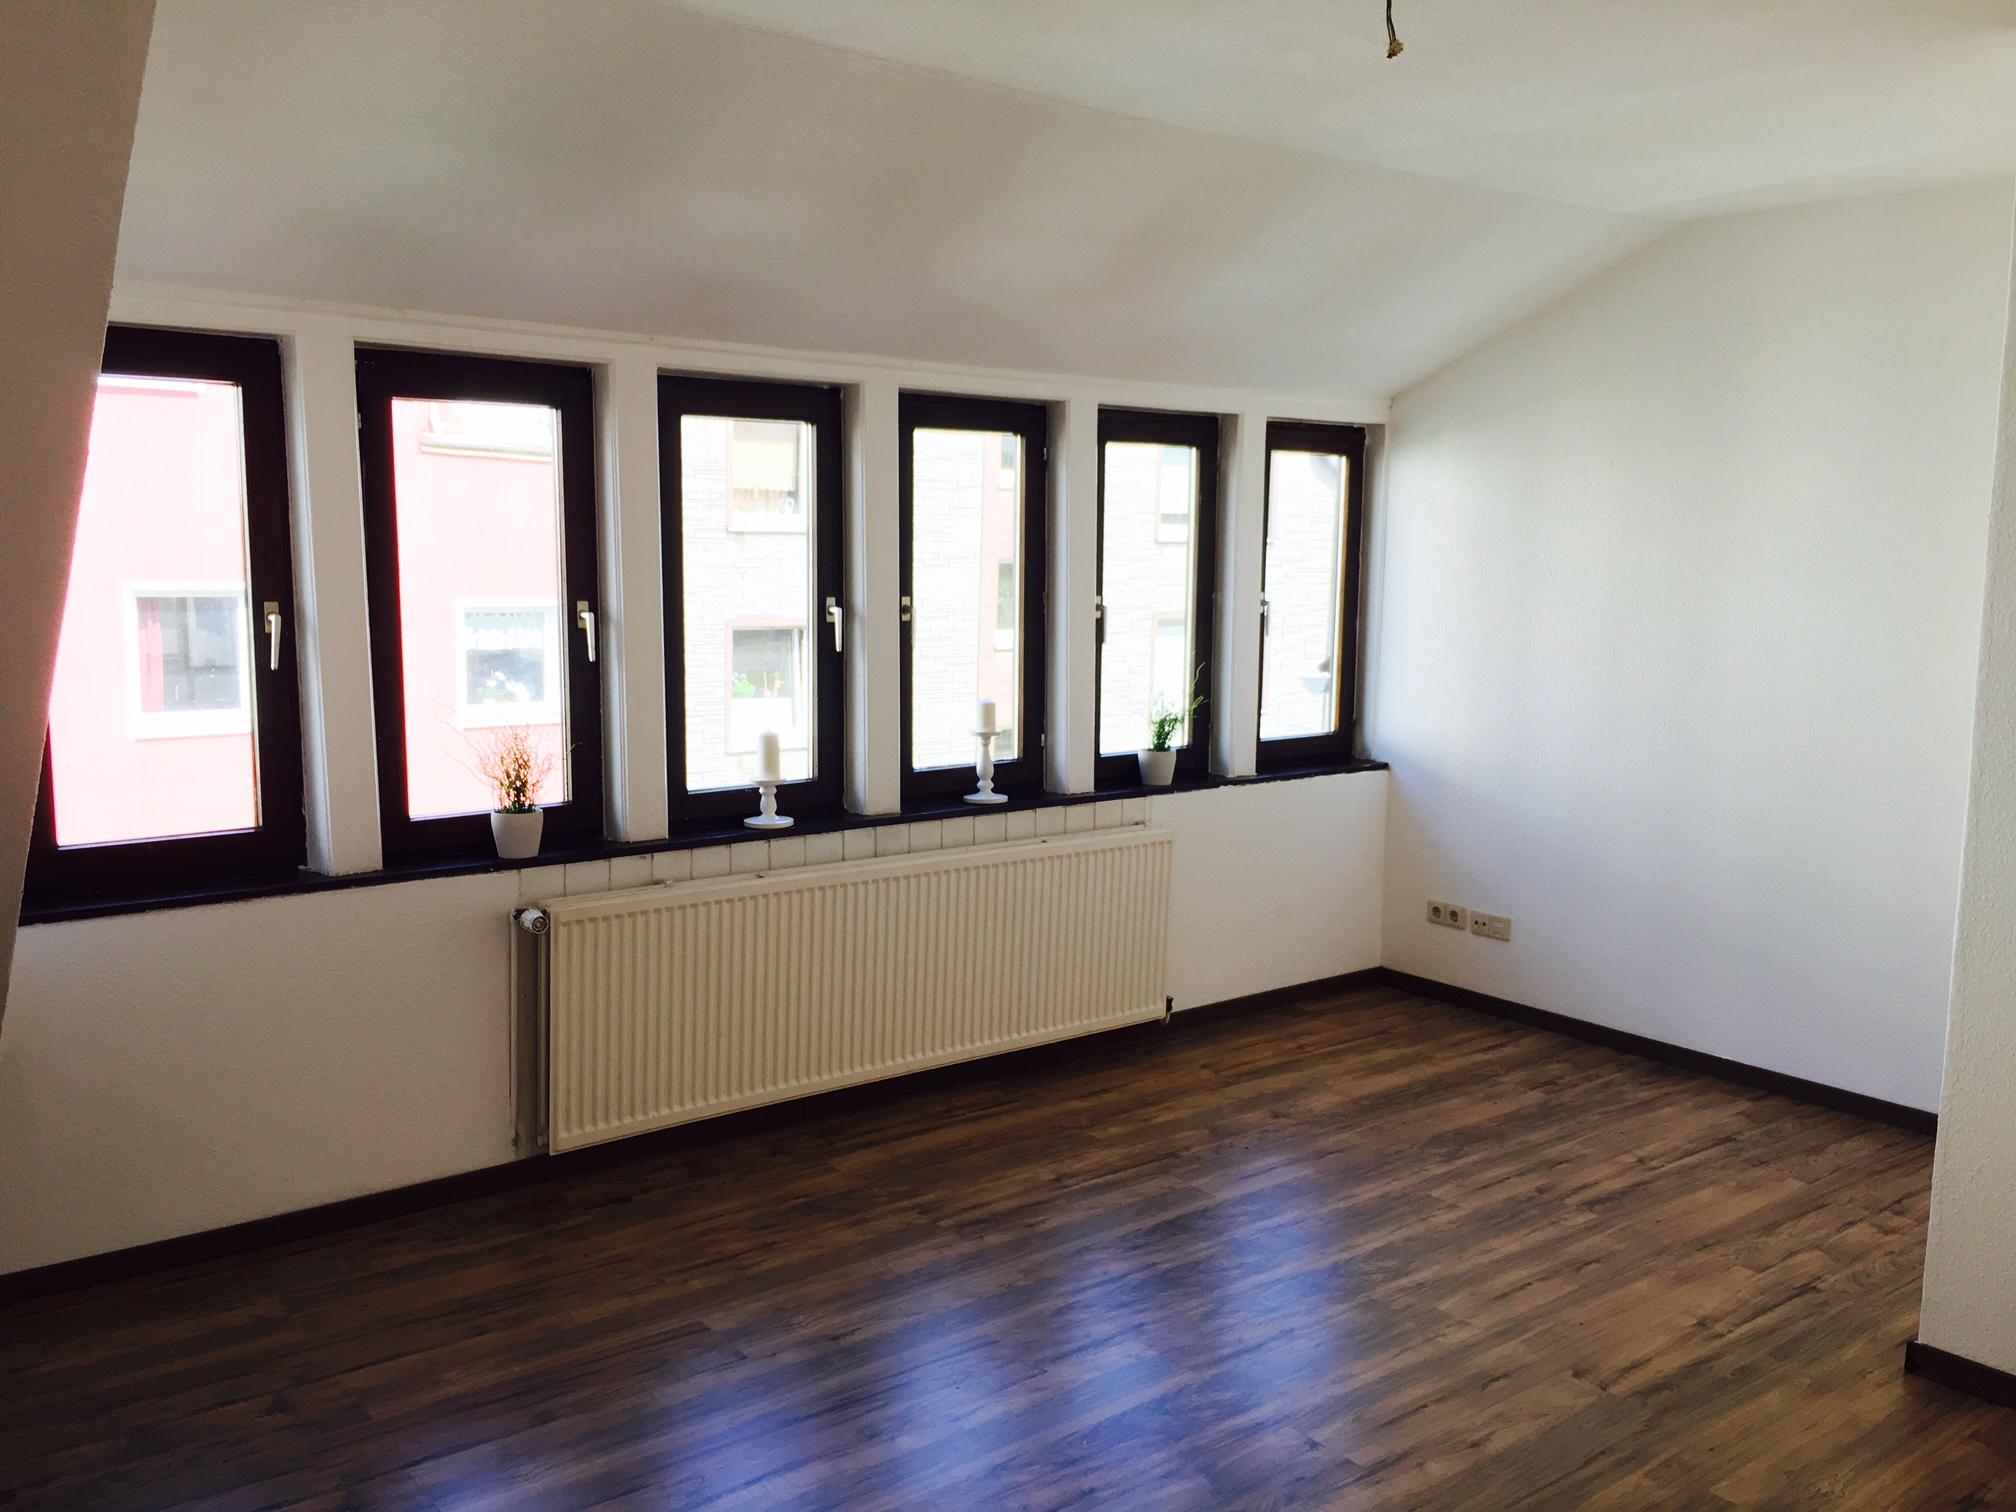 Schlafzimmer_mit_großer_Fensterfront